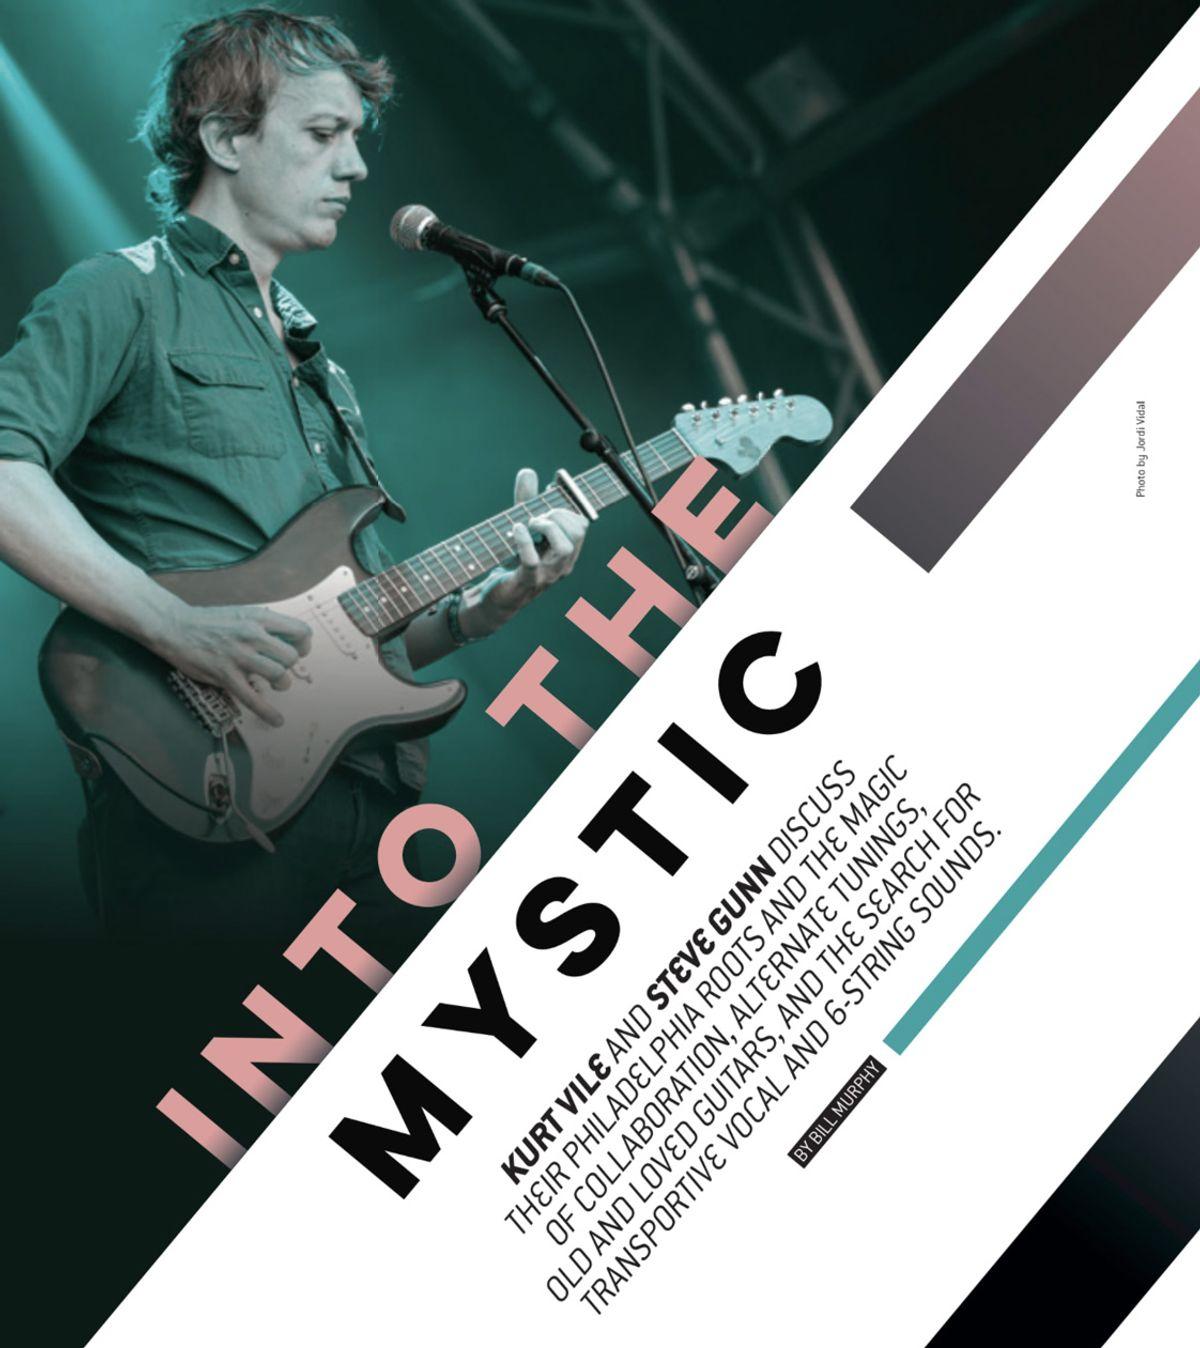 Kurt Vile and Steve Gunn: Into the Mystic